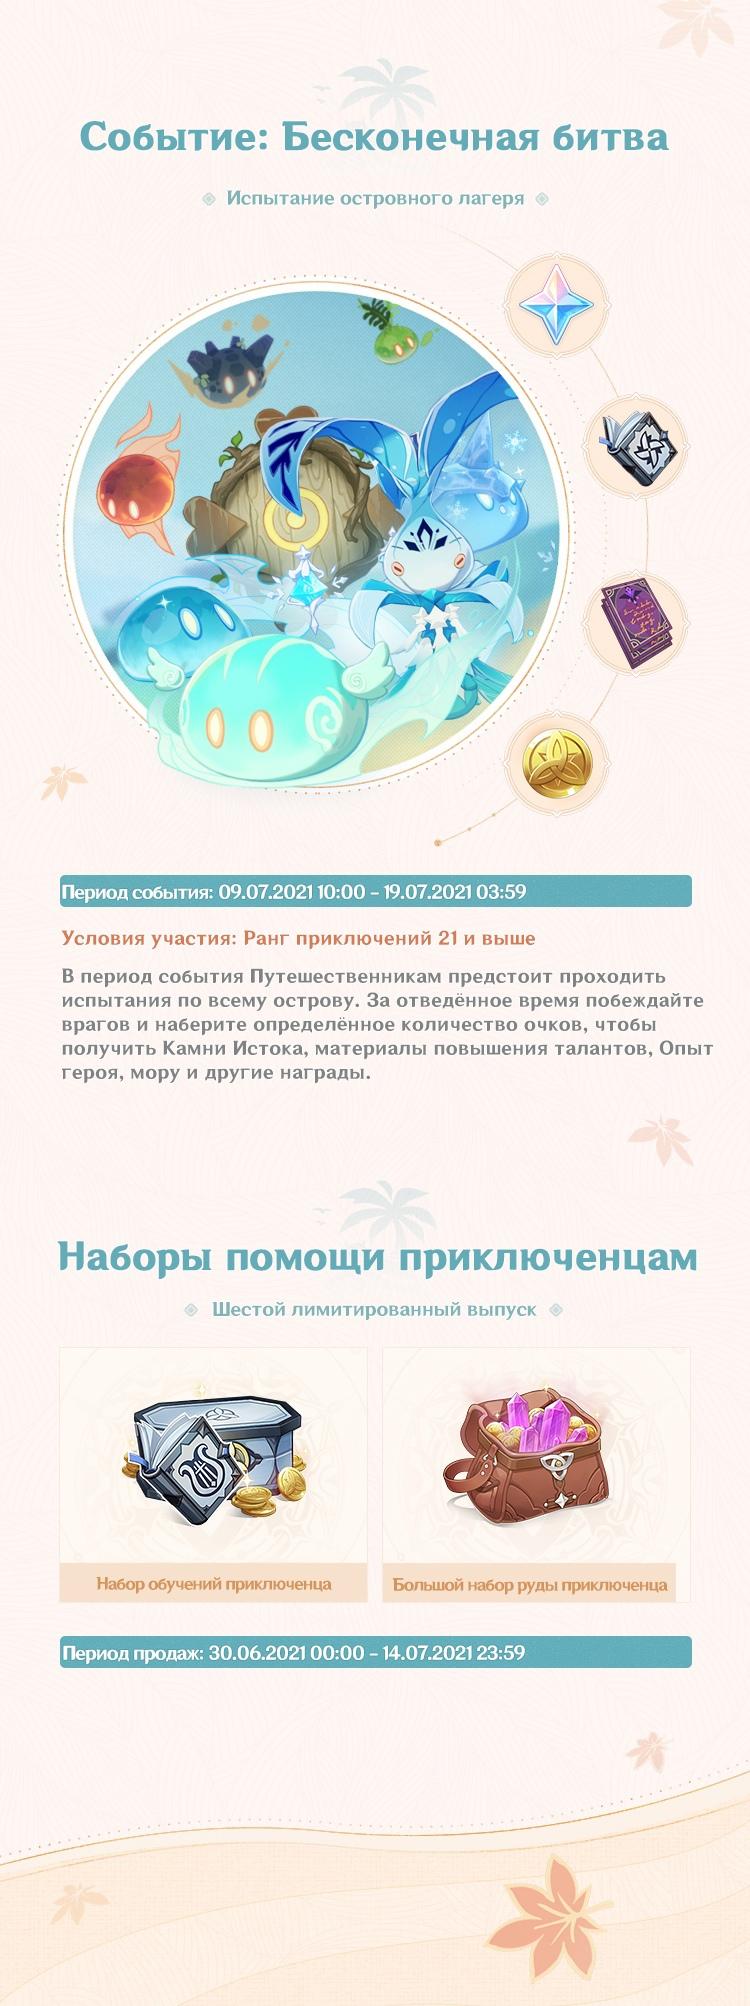 Обзор событий версии 1.6 - Выпуск II, зображення №4